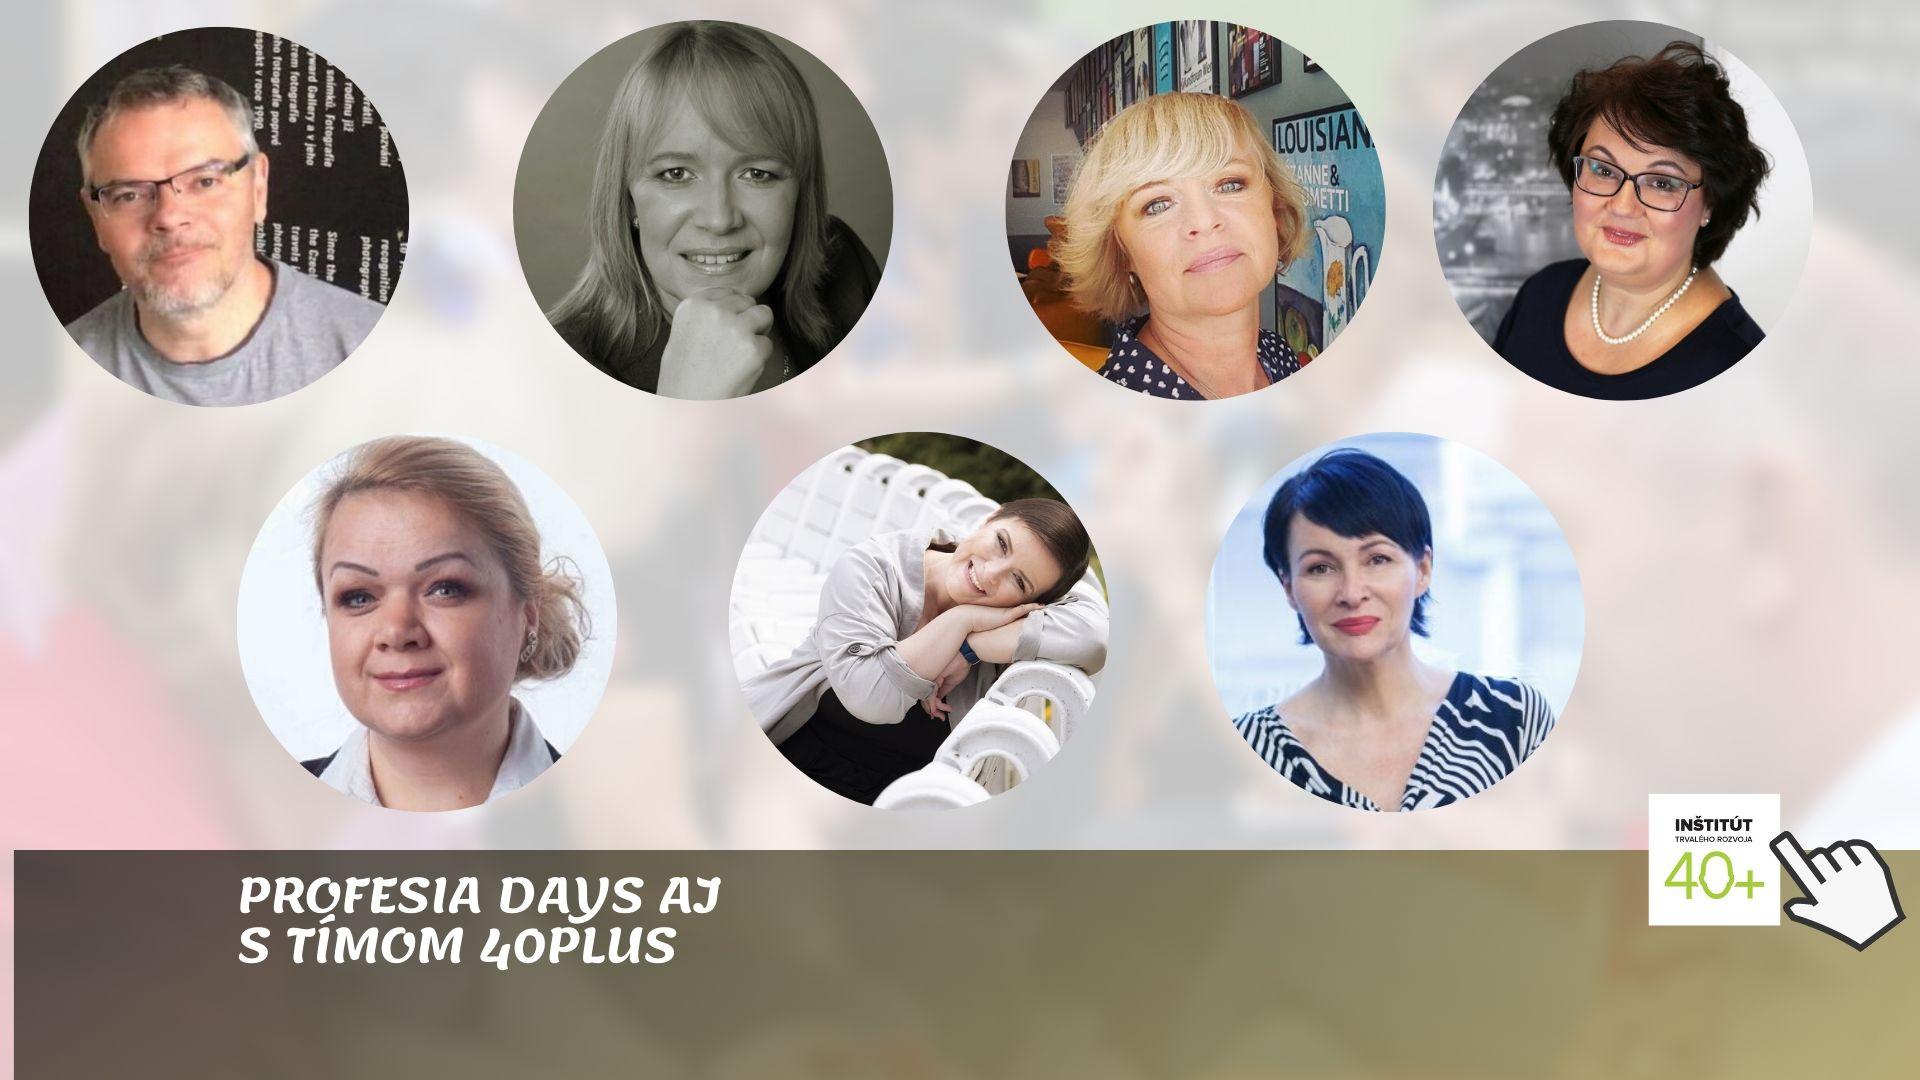 na Profesia Days chceme podporiť ľudí po 40ke